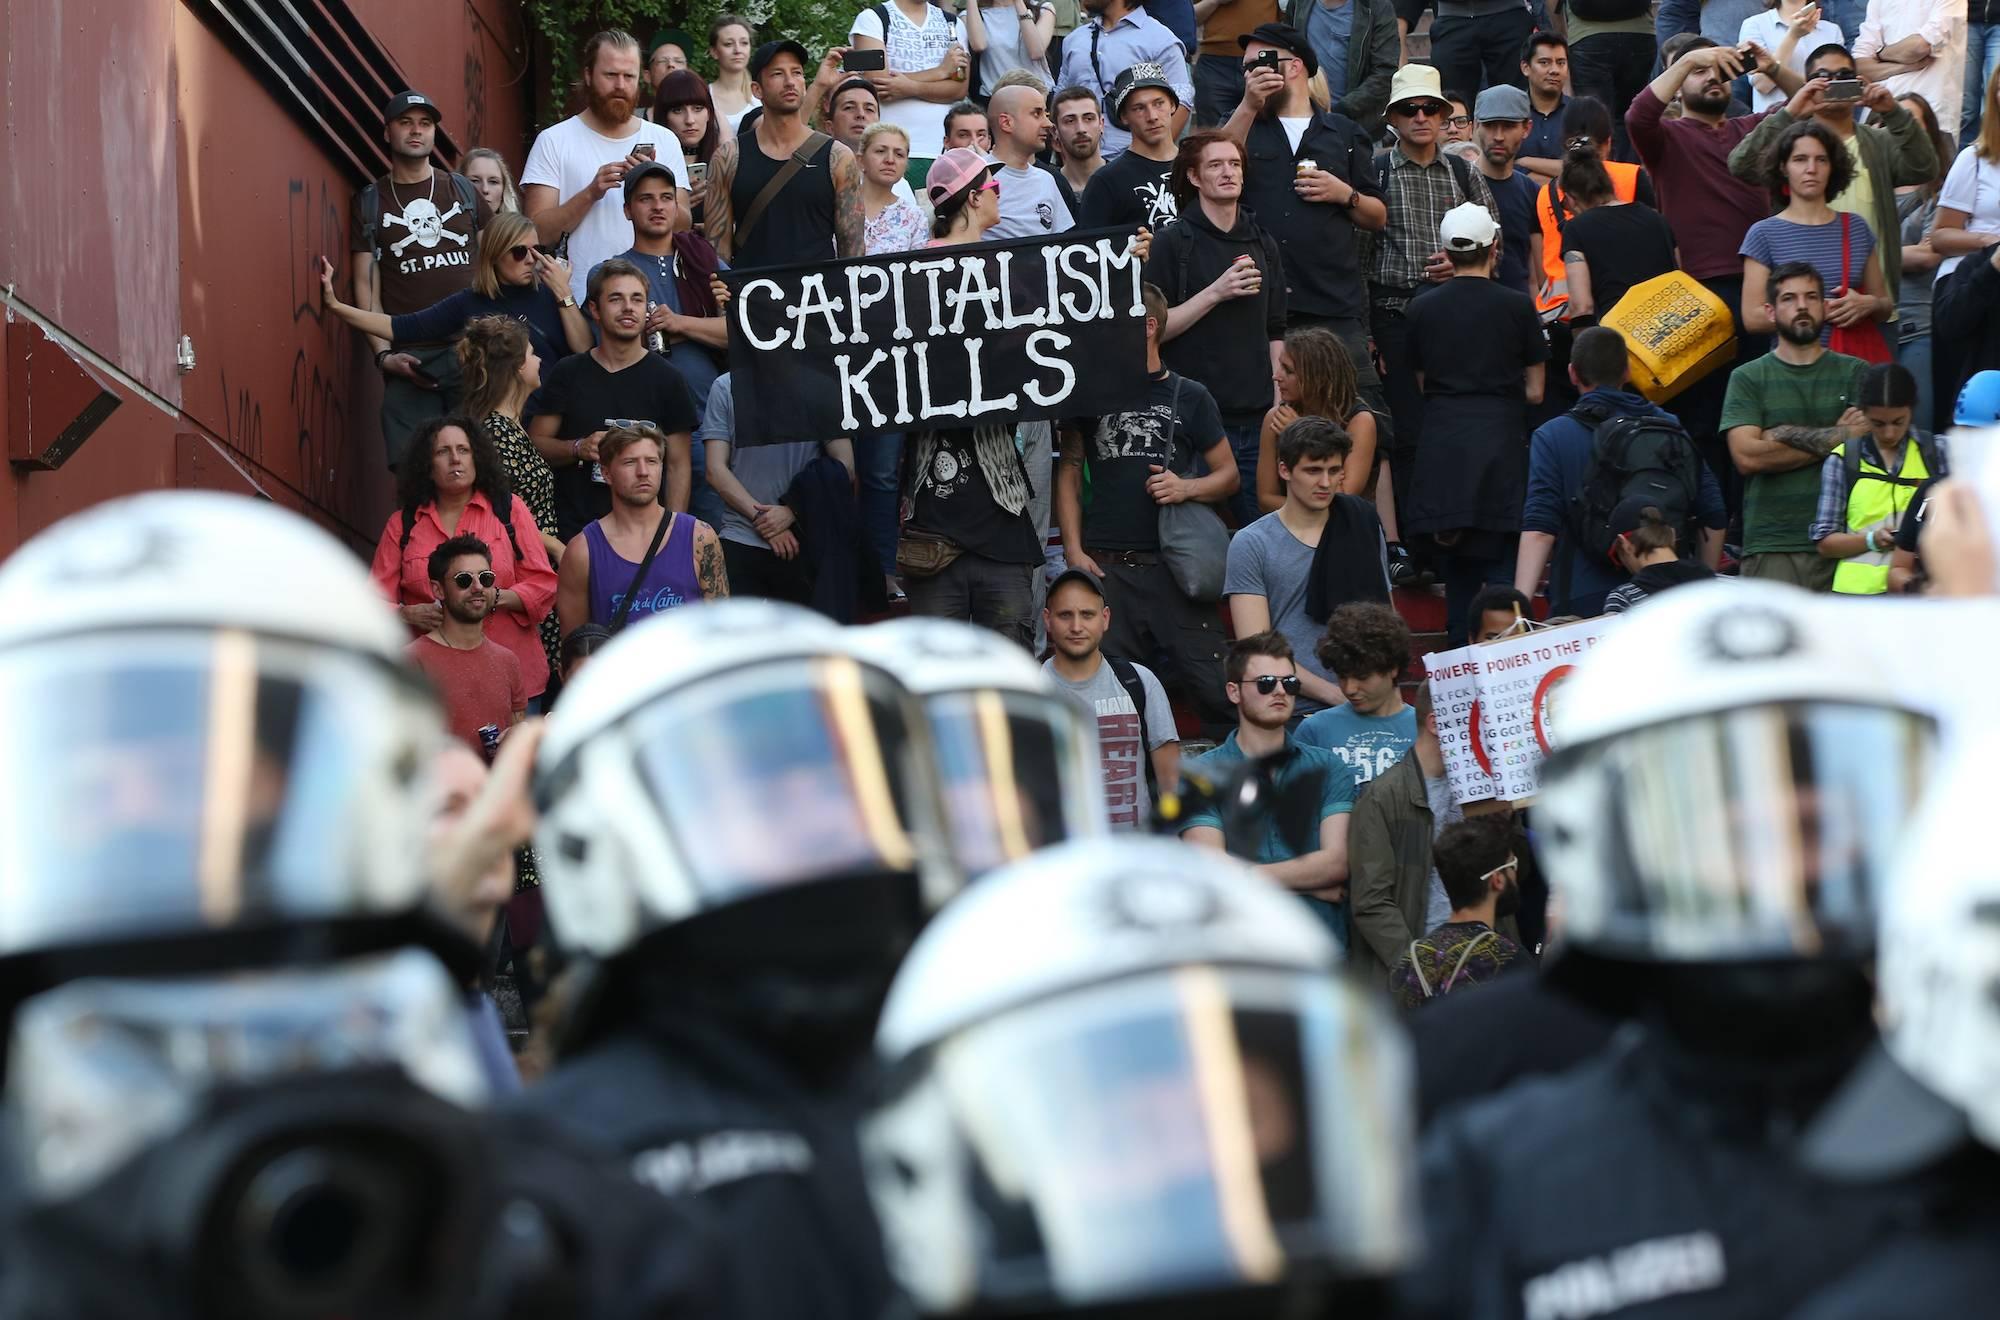 Las autoridades intentan controlar las protestas con chorros de agua y gases lacrimógenos. / AP